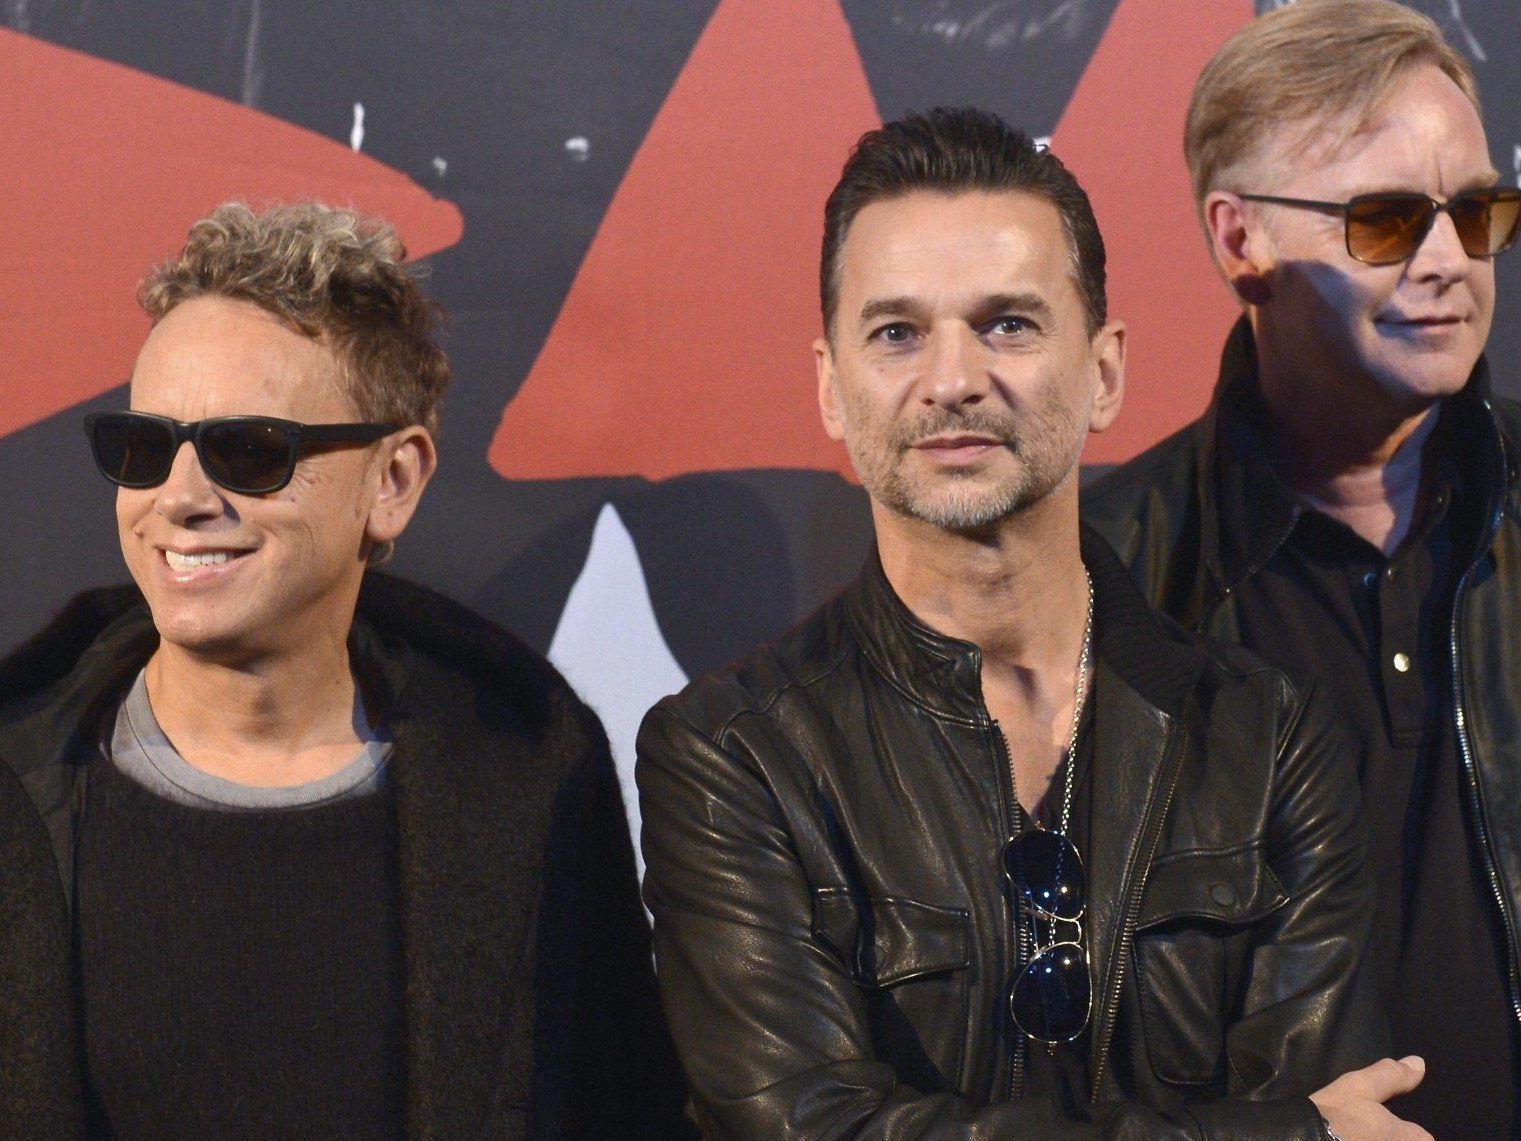 Depeche Mode treten am 24. März 2013 in Wien auf.